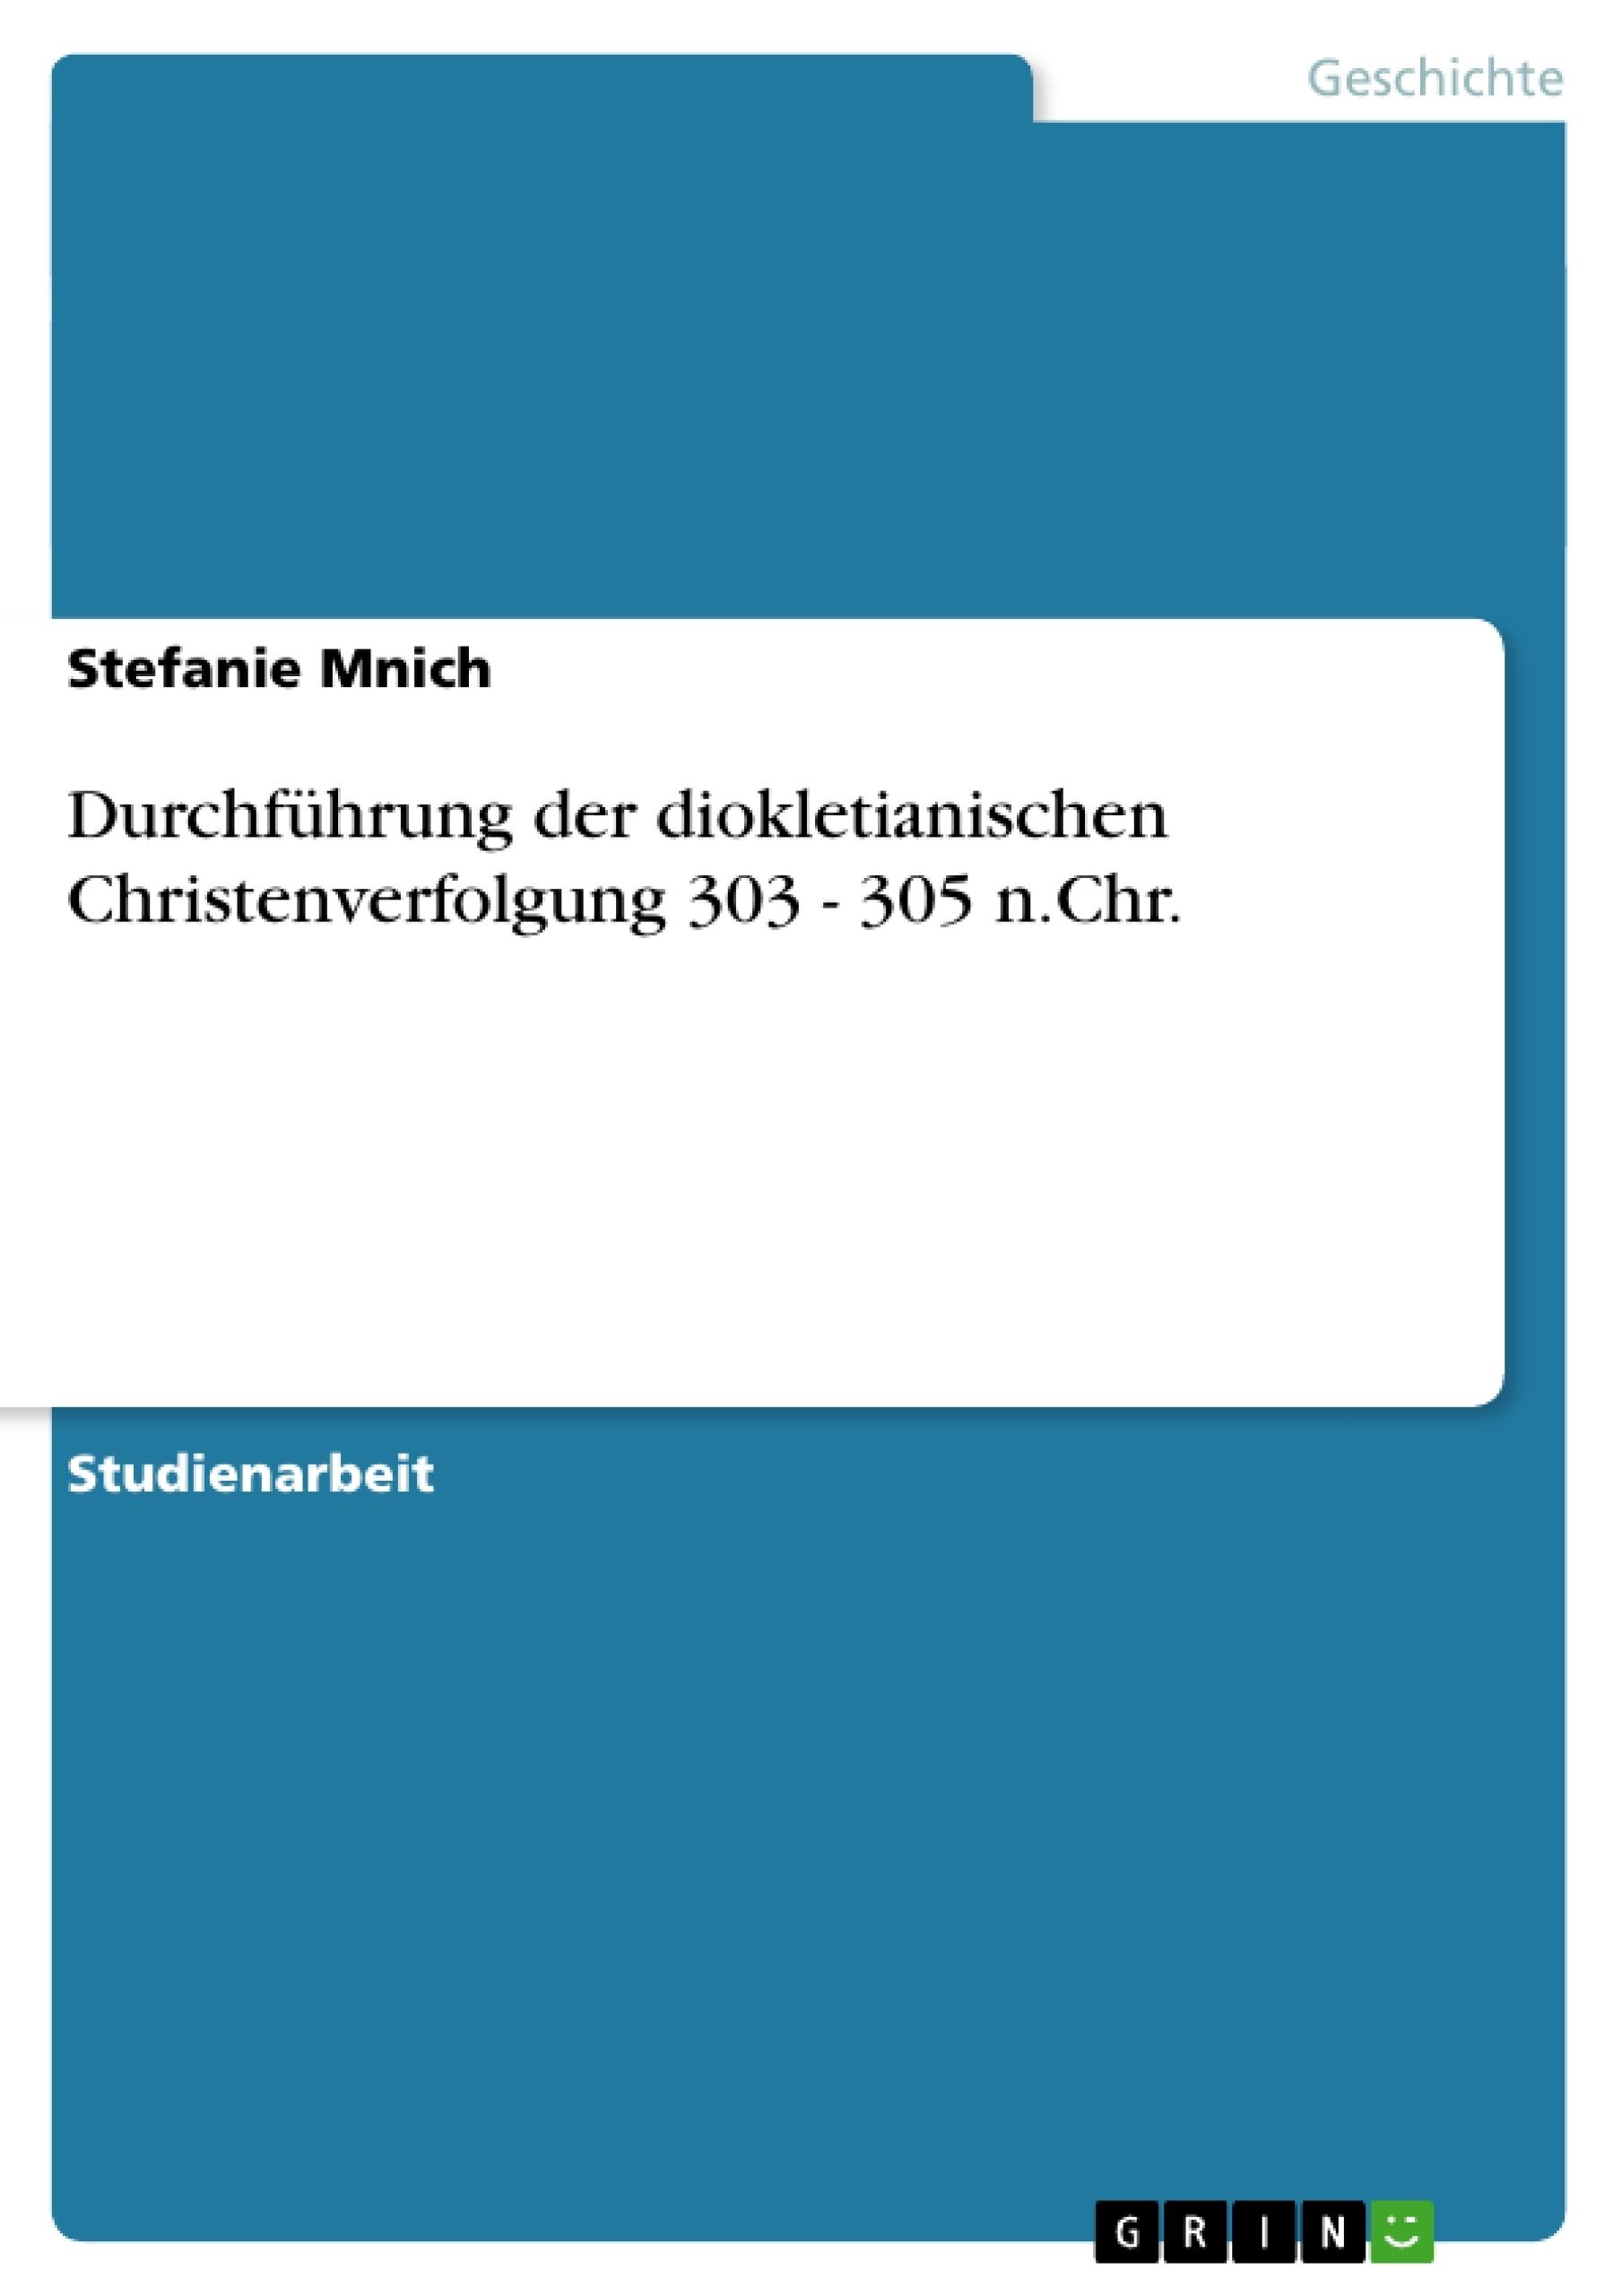 Titel: Durchführung der diokletianischen Christenverfolgung 303 - 305 n.Chr.